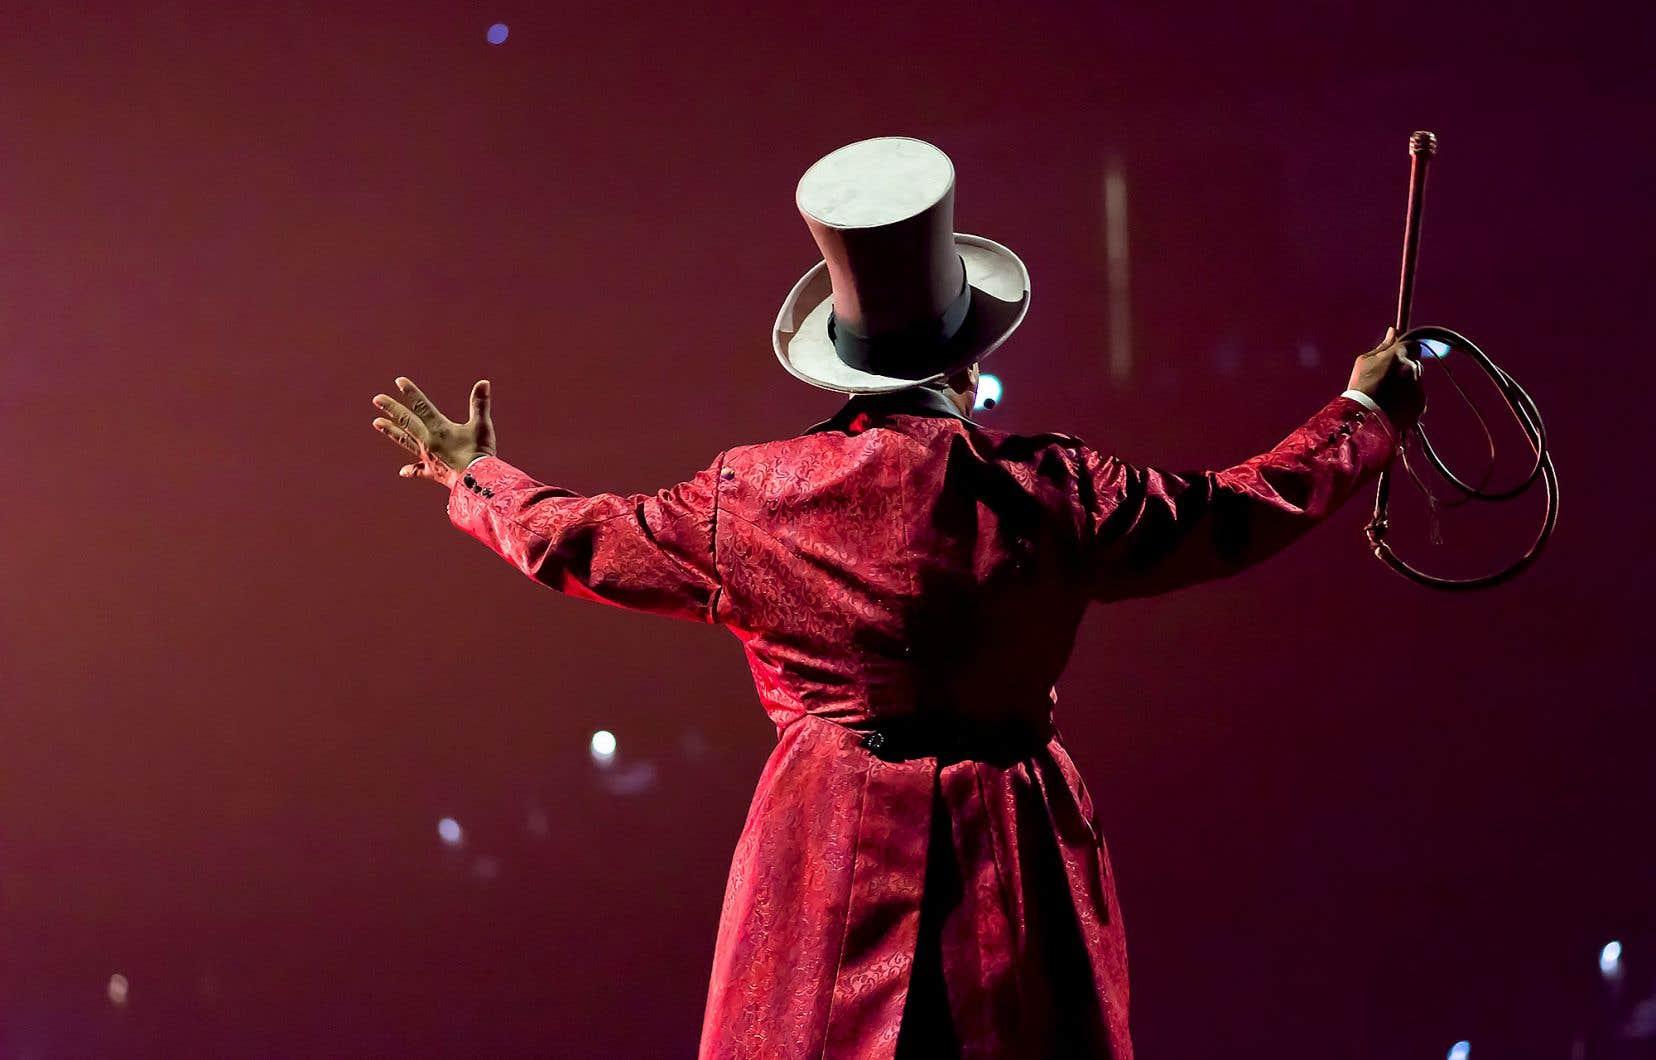 Le Cirque a dû annuler ses 44 spectacles, en mars dernier, en raison de la pandémie.